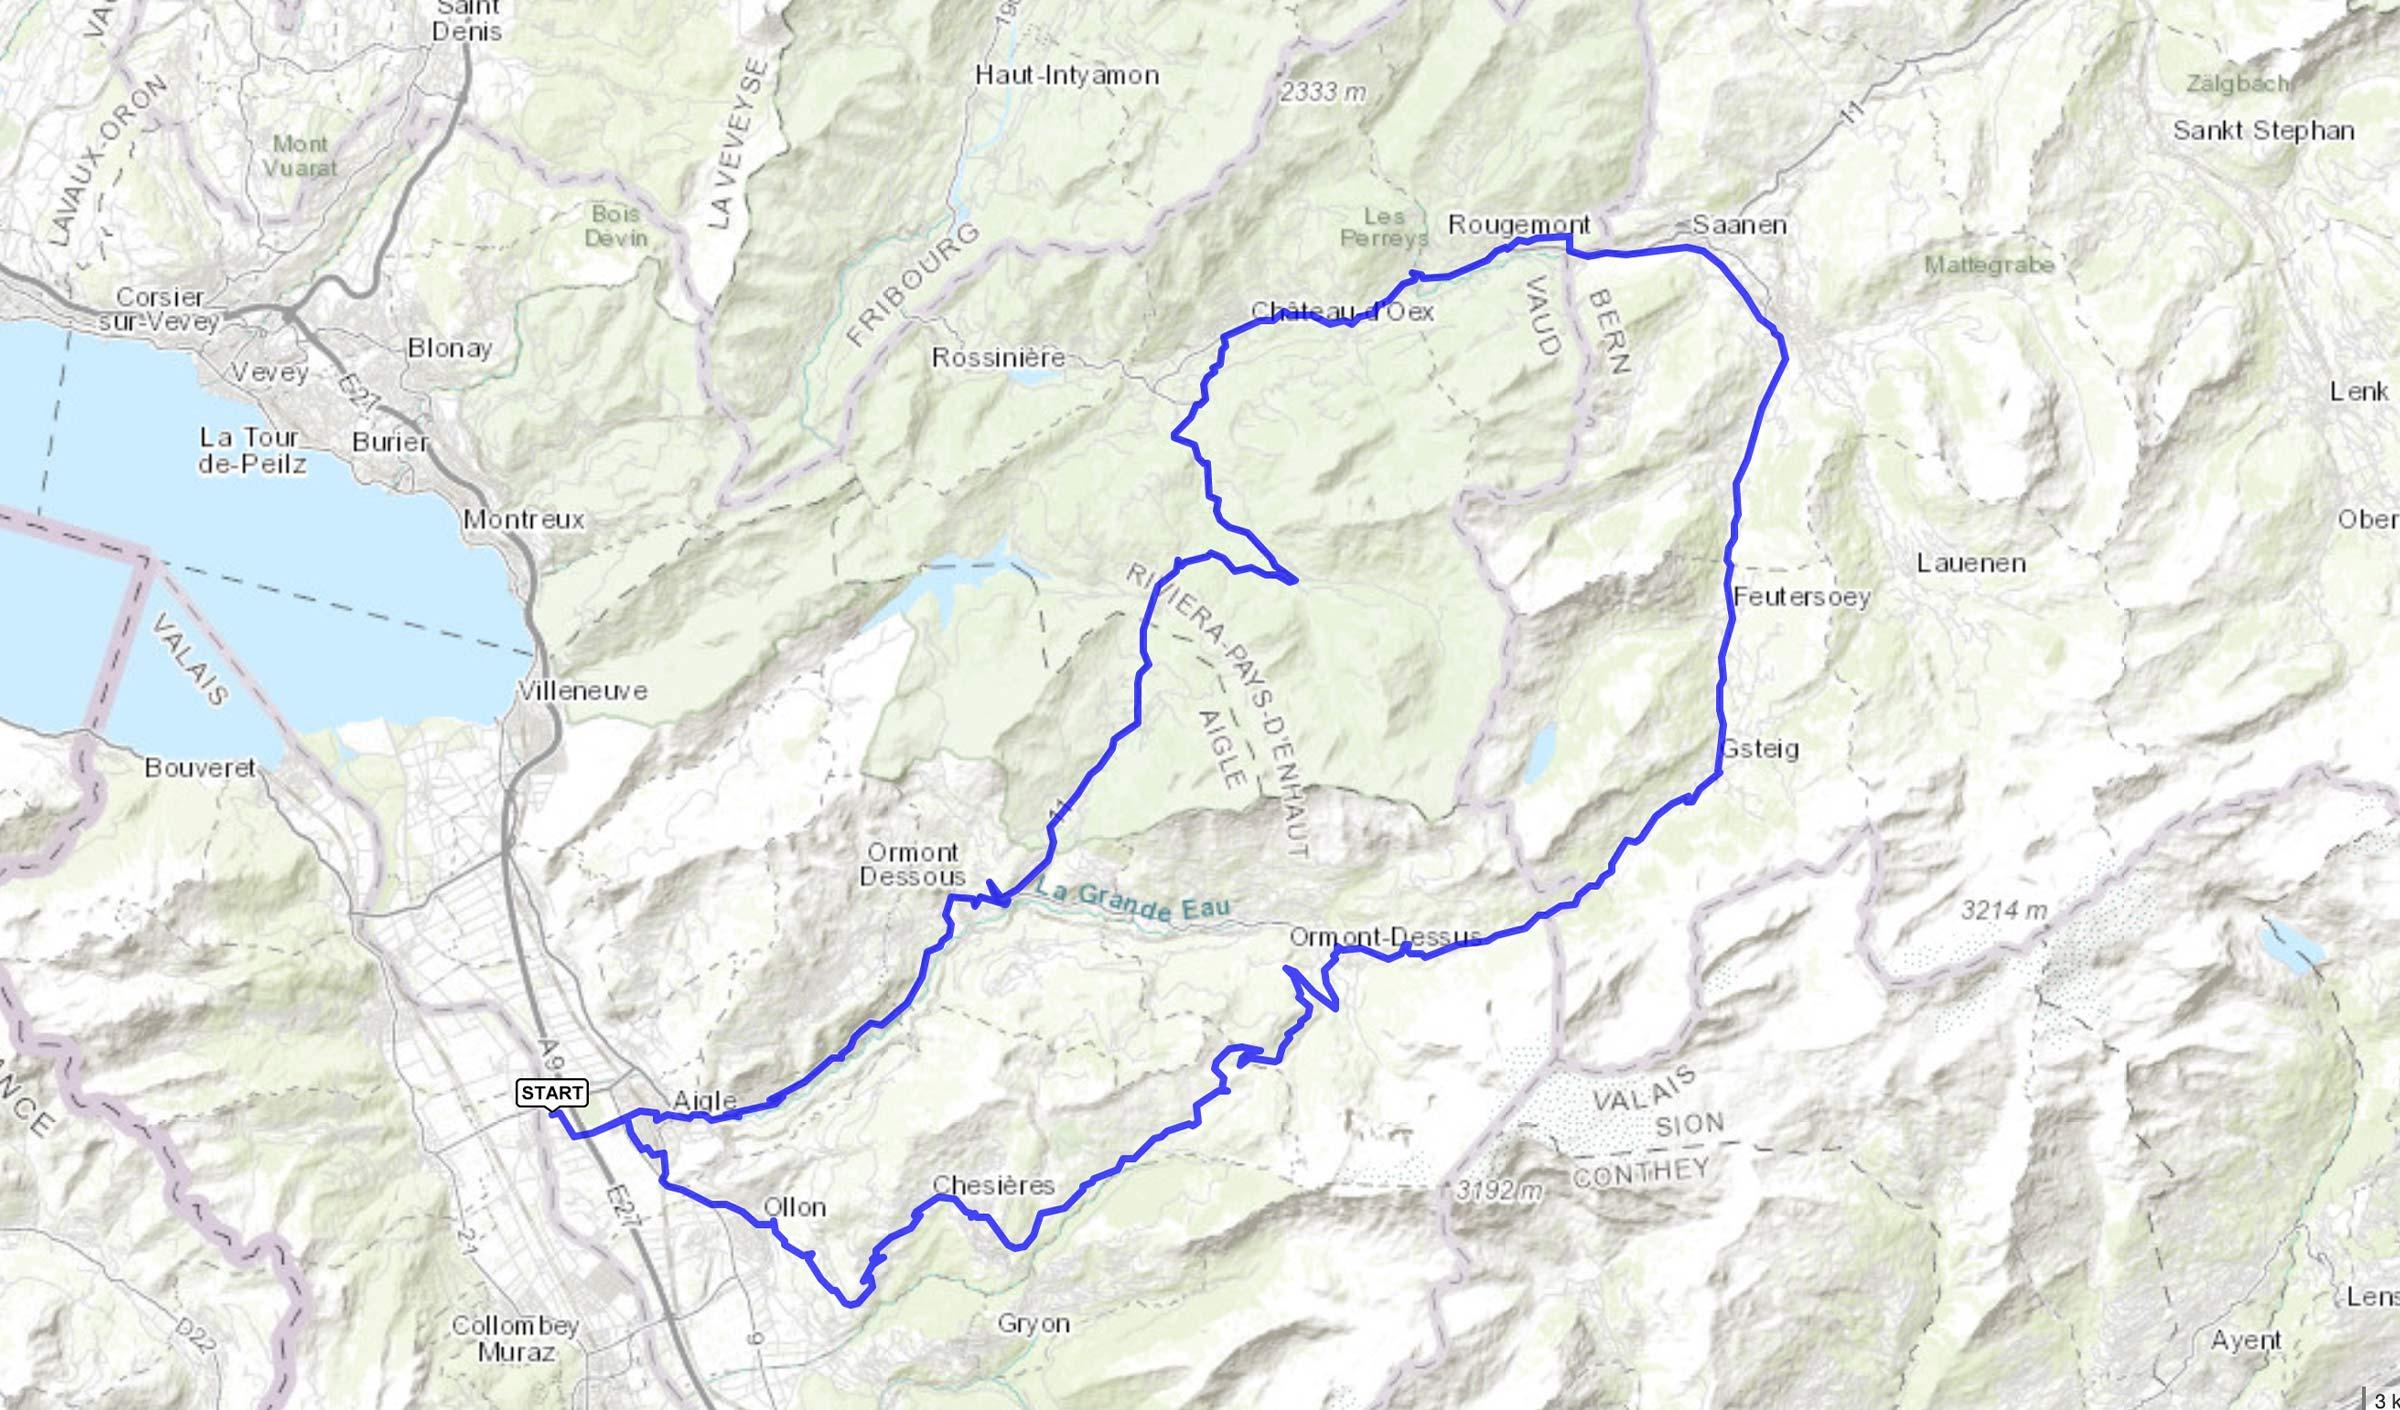 cyclisme : trace de la classique des Alpes Vaudoises